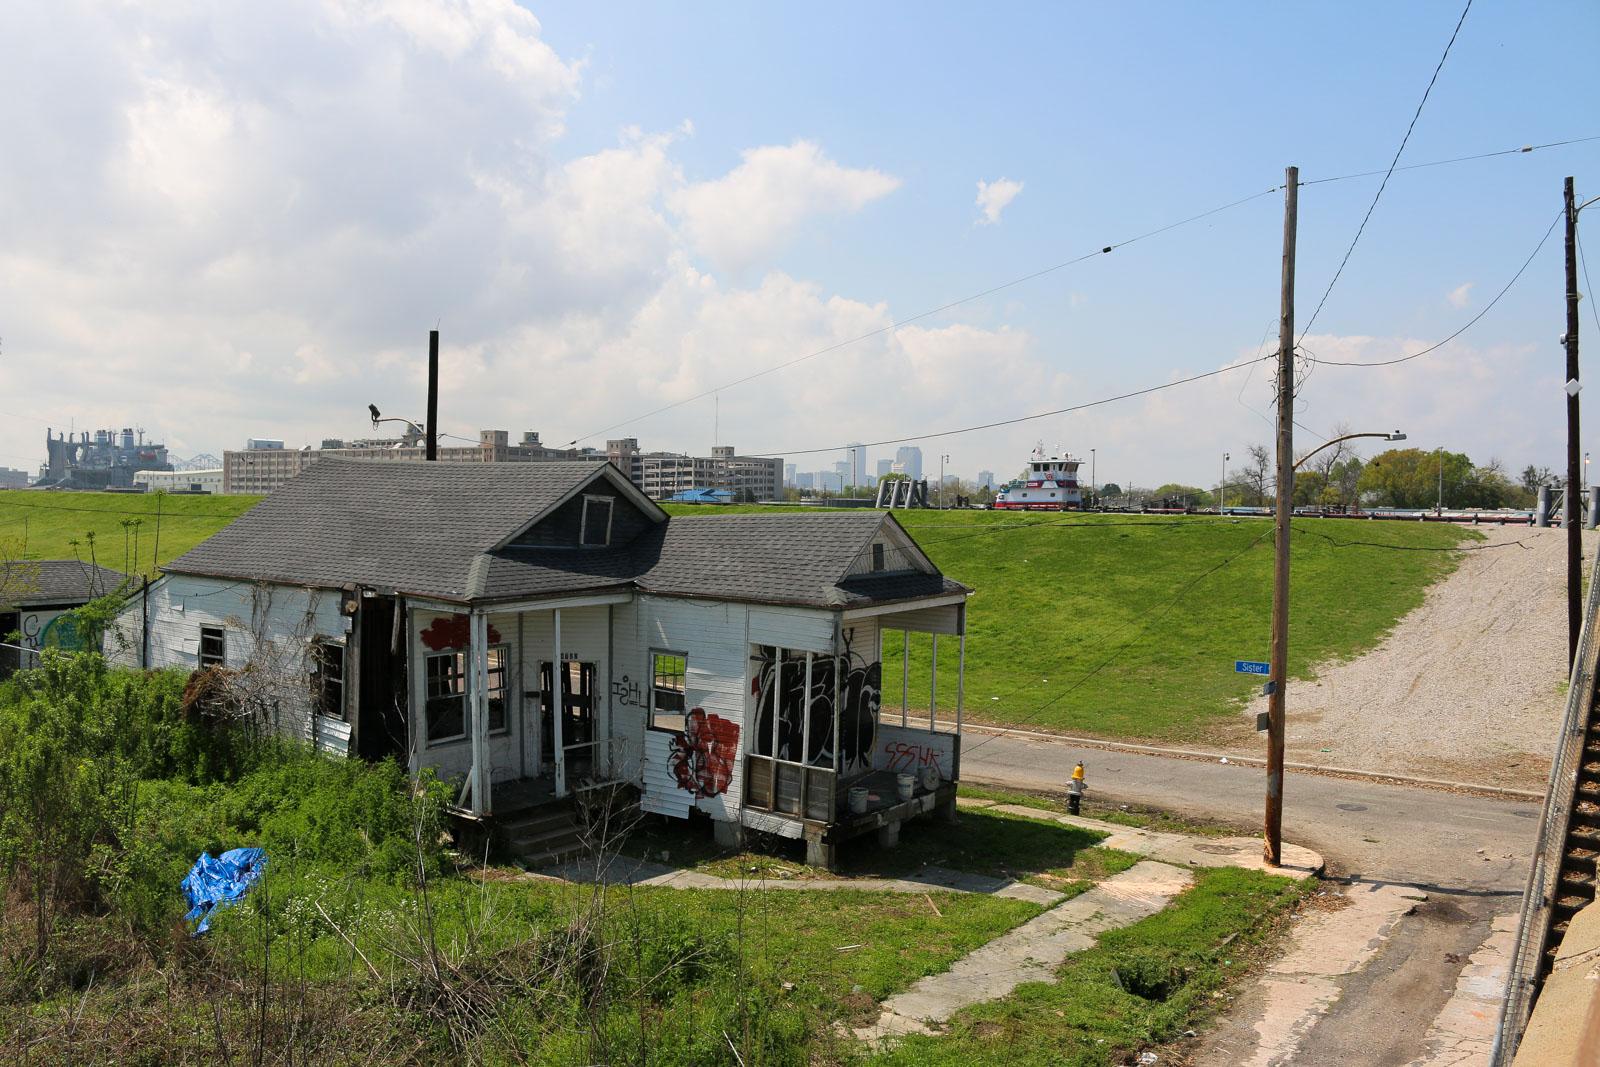 Normalerweise steht das Wasser im Industriekanal zwischen dem Mississippi und dem Lake Ponchartain schon ungefähr auf dem Niveau des ersten Stocks eines Hauses der benachbarten Viertel. Im Ninth Ward, einem der ärmsten Stadtteile New Orleans, wurden viele Gebäude nicht wieder aufgebaut.